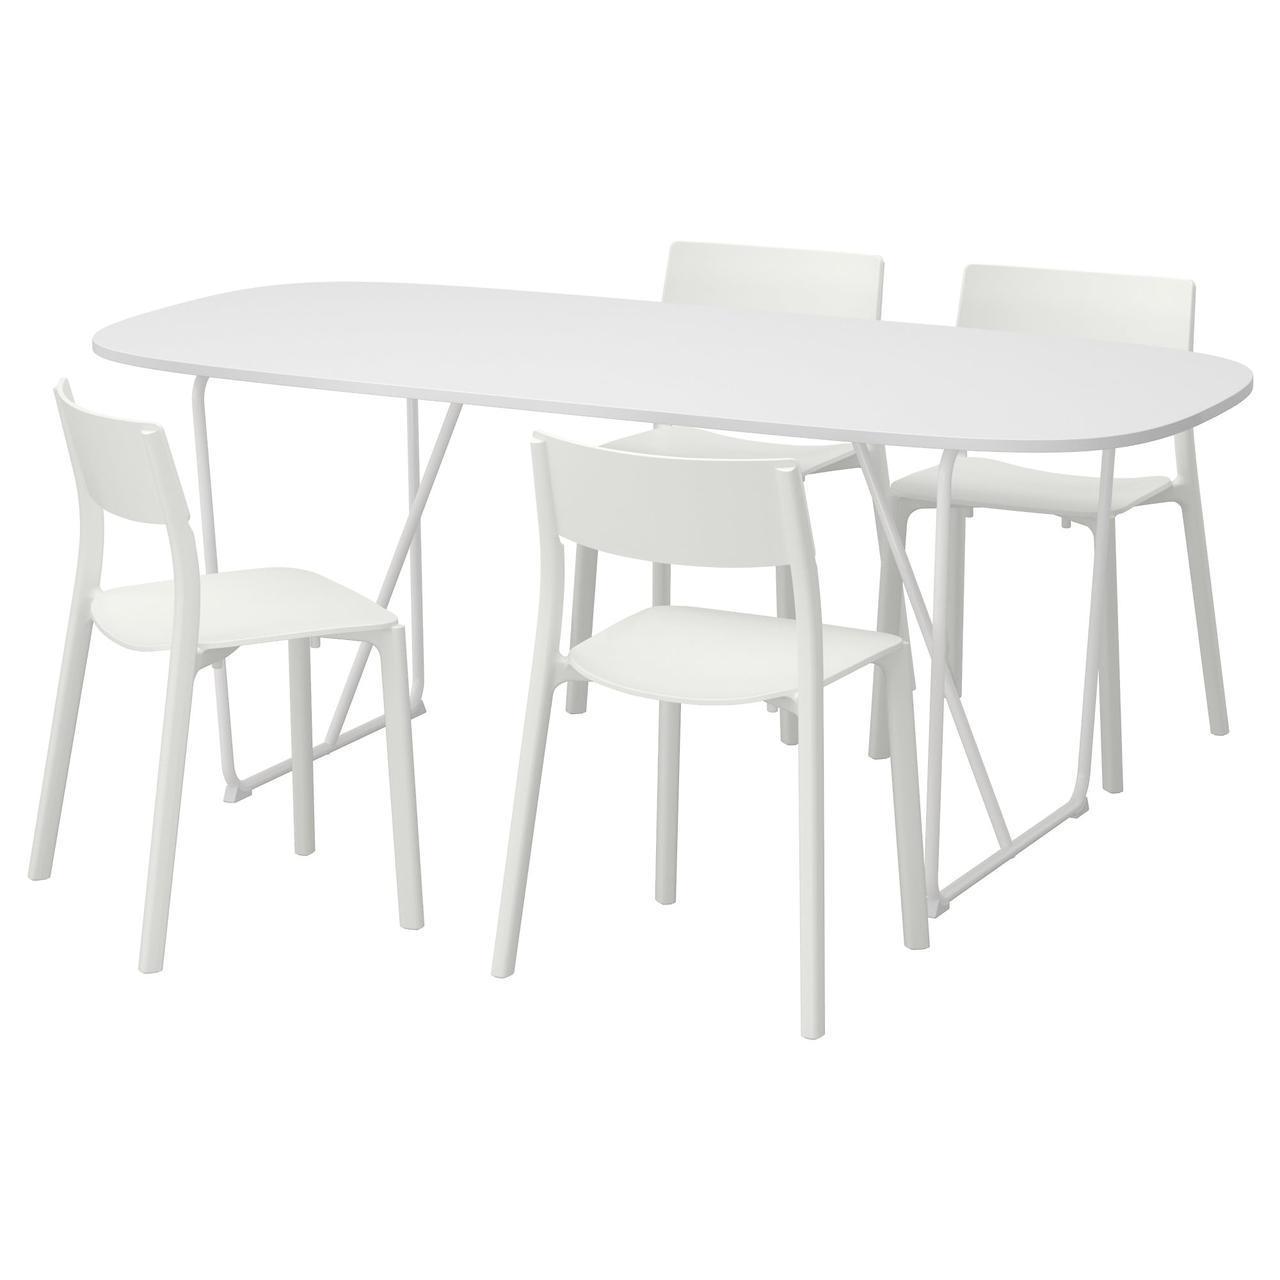 Комплект для кухни (стол и 4 стула) IKEA OPPEBY / BACKARYD / JANINGE 185 см белый 492.298.26